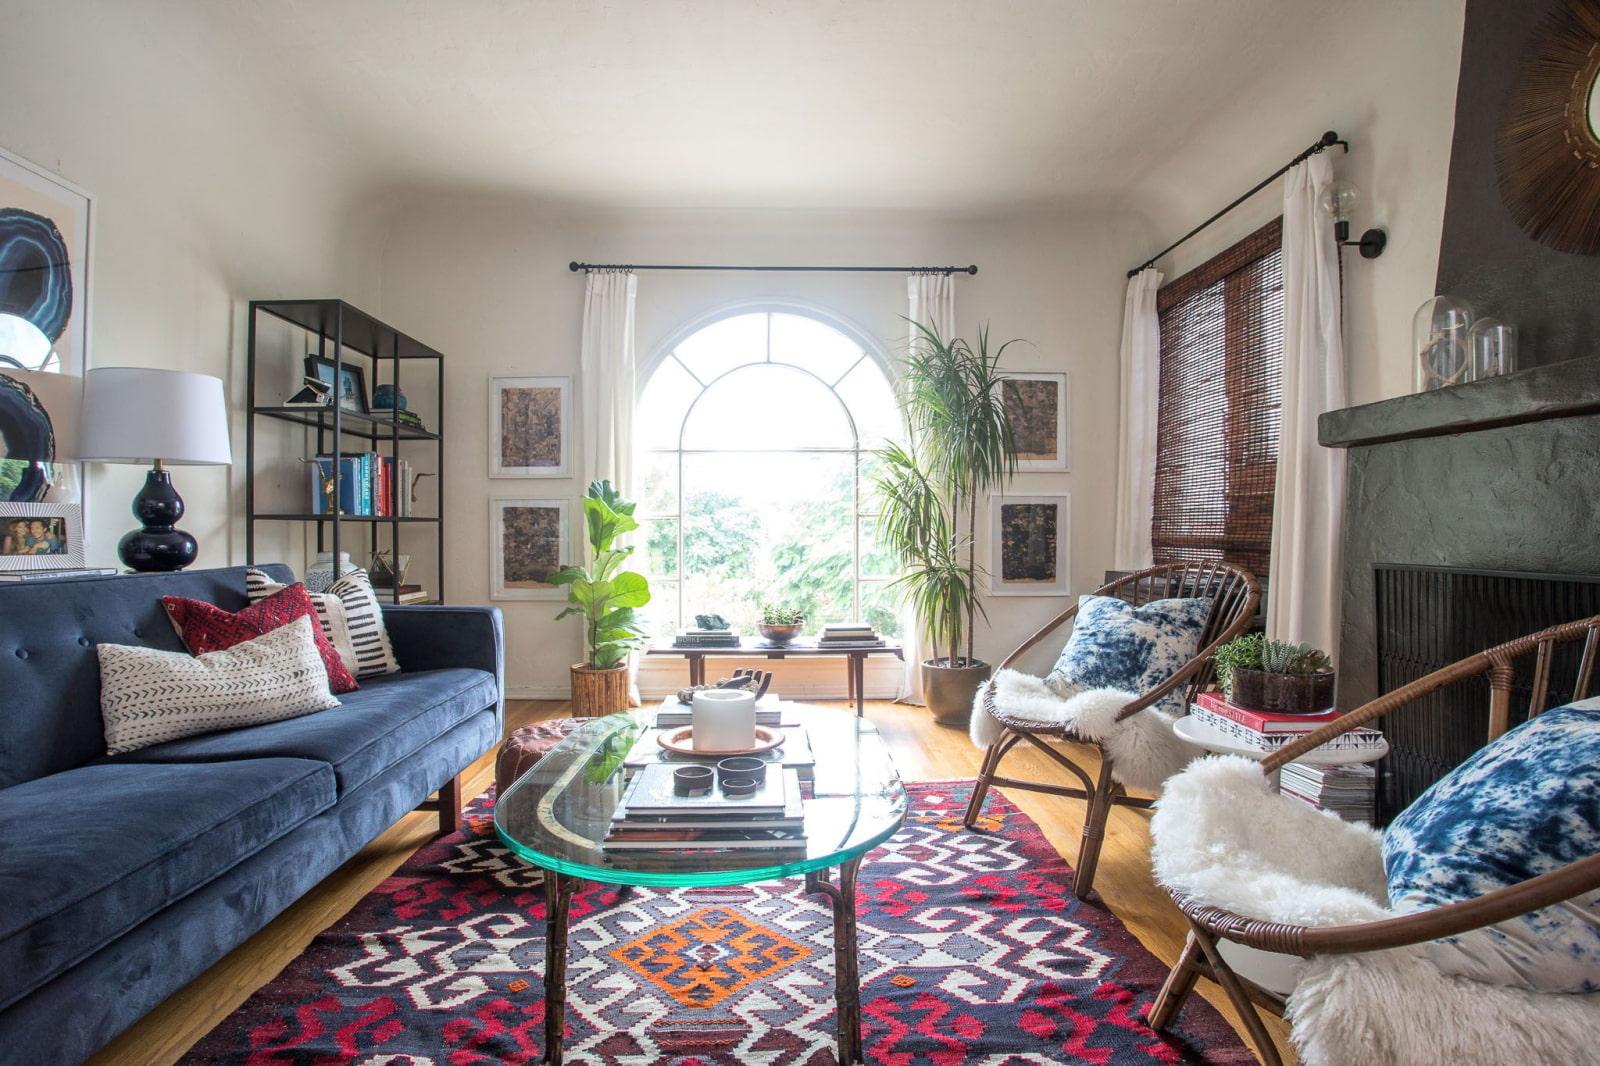 современные ковры на пол в гостиную фото